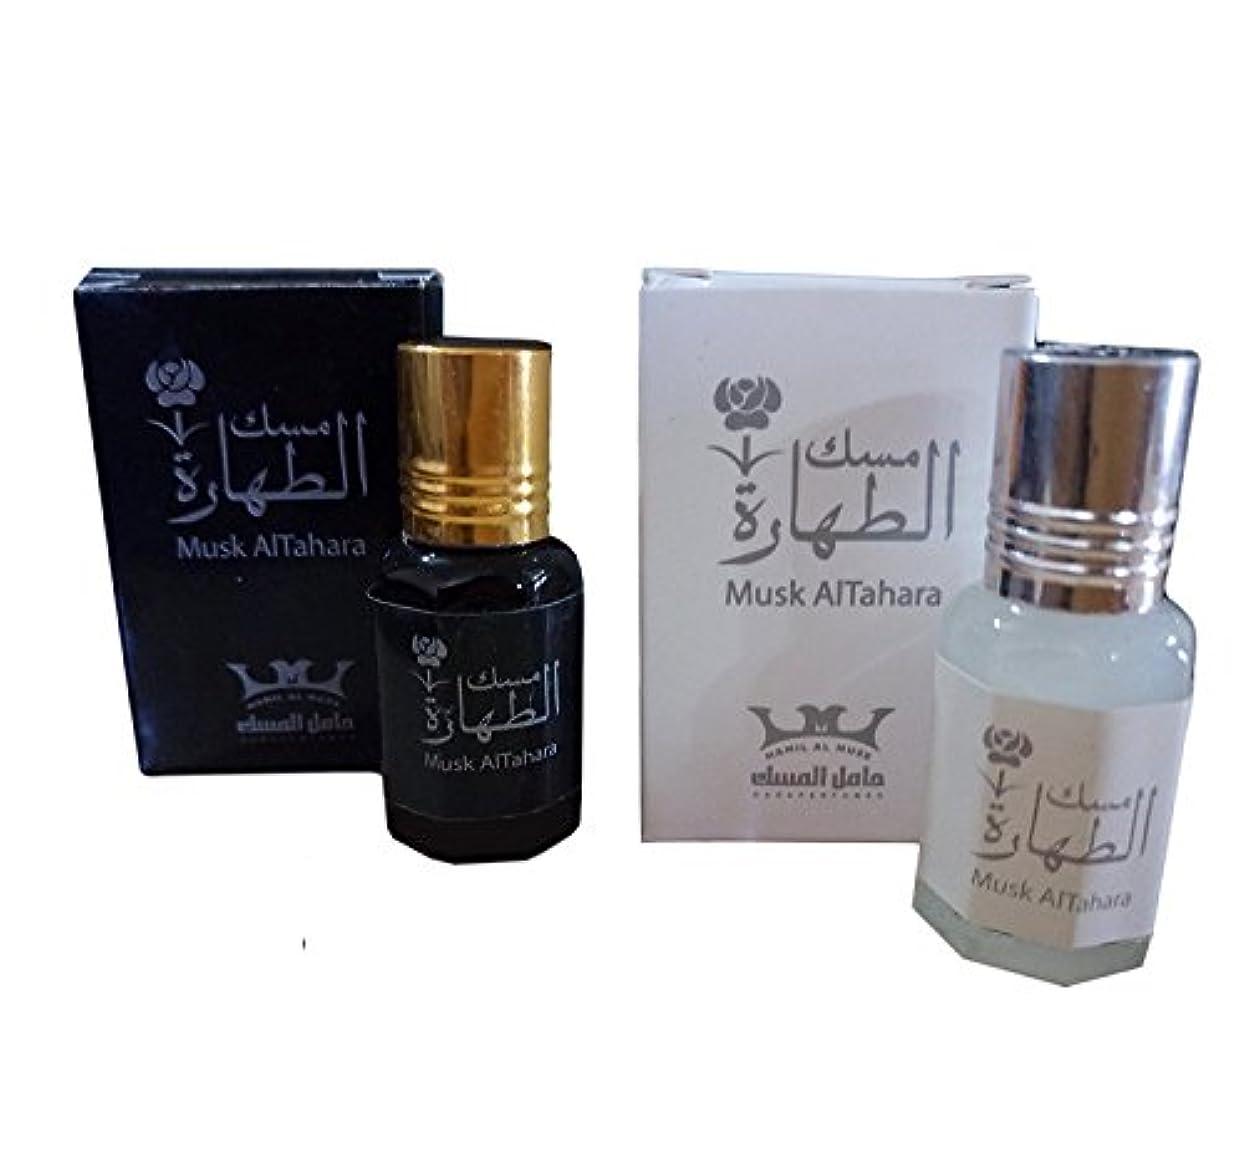 かけがえのないトロリーバスのヒープWomen Musk Al tahara Pure Saudi Altahara Perfume White & Black 10 ml Alcohol Free